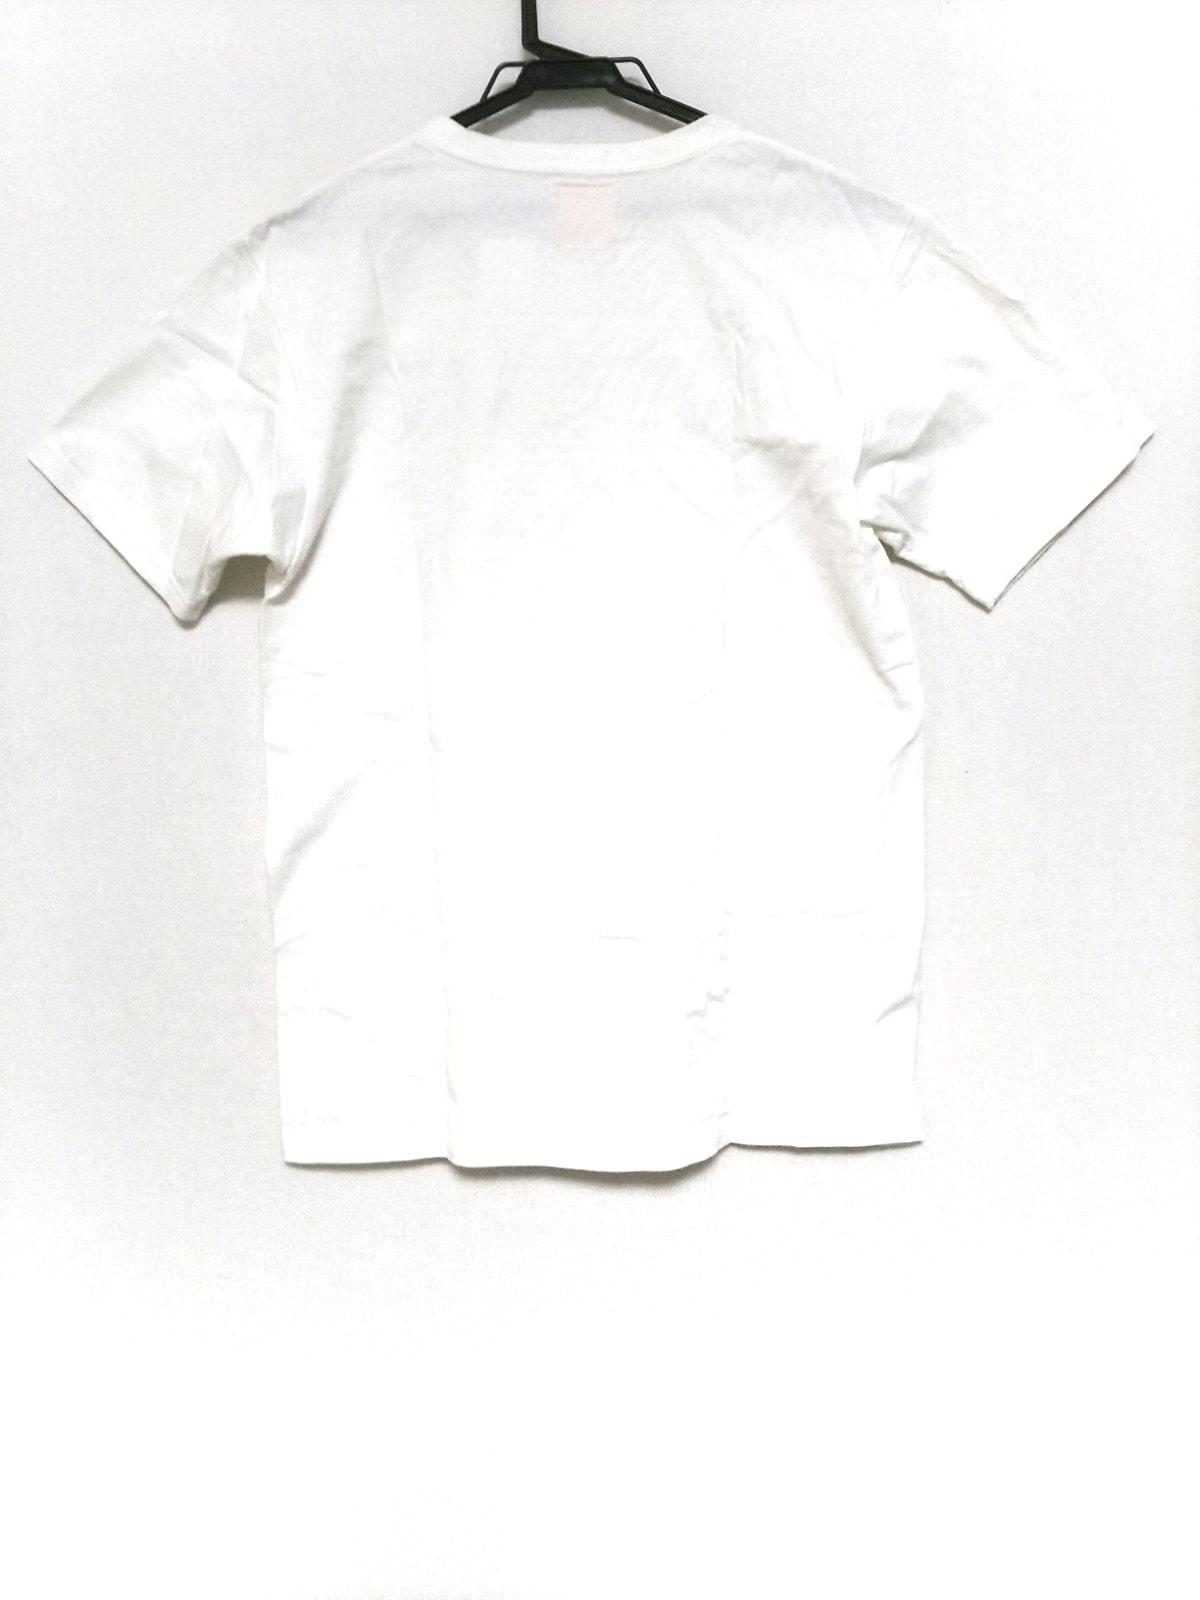 FR2(エフアールツー)のTシャツ